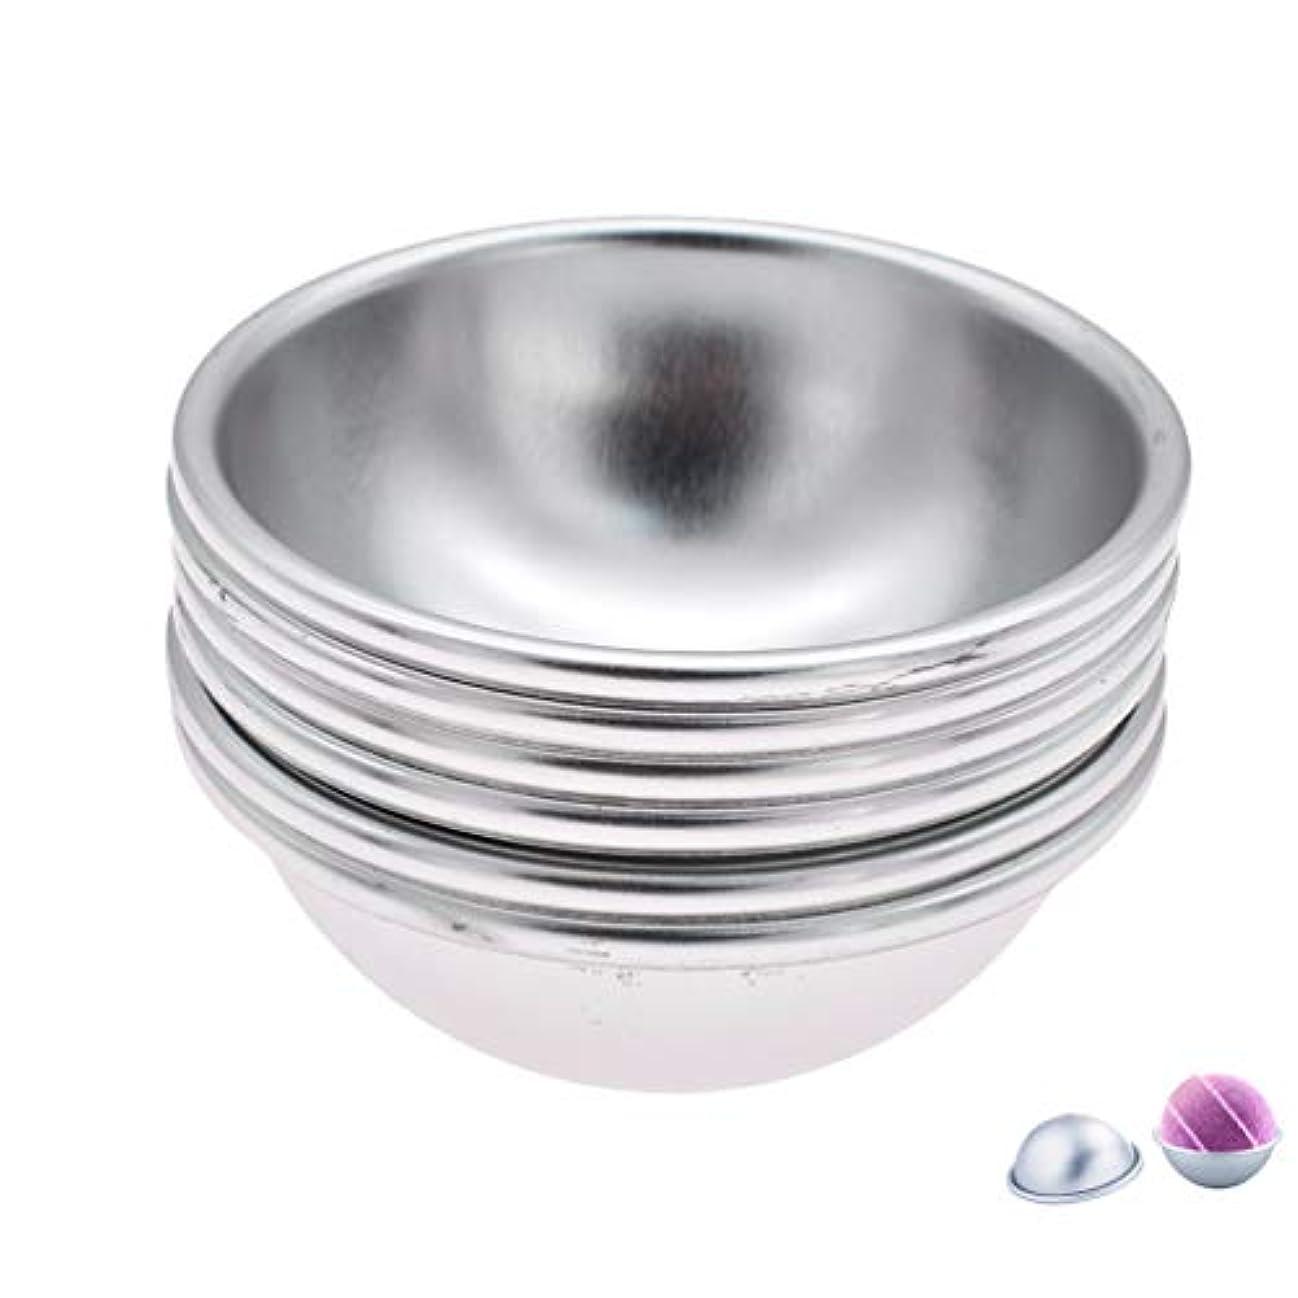 一節電話再生可能(ライチ) Lychee 6個セット バスボム型 石鹸製造ツールセット 円形金型 DIYソープ ハンドメイド 食品にも使用可 ケーキ型 お菓子型